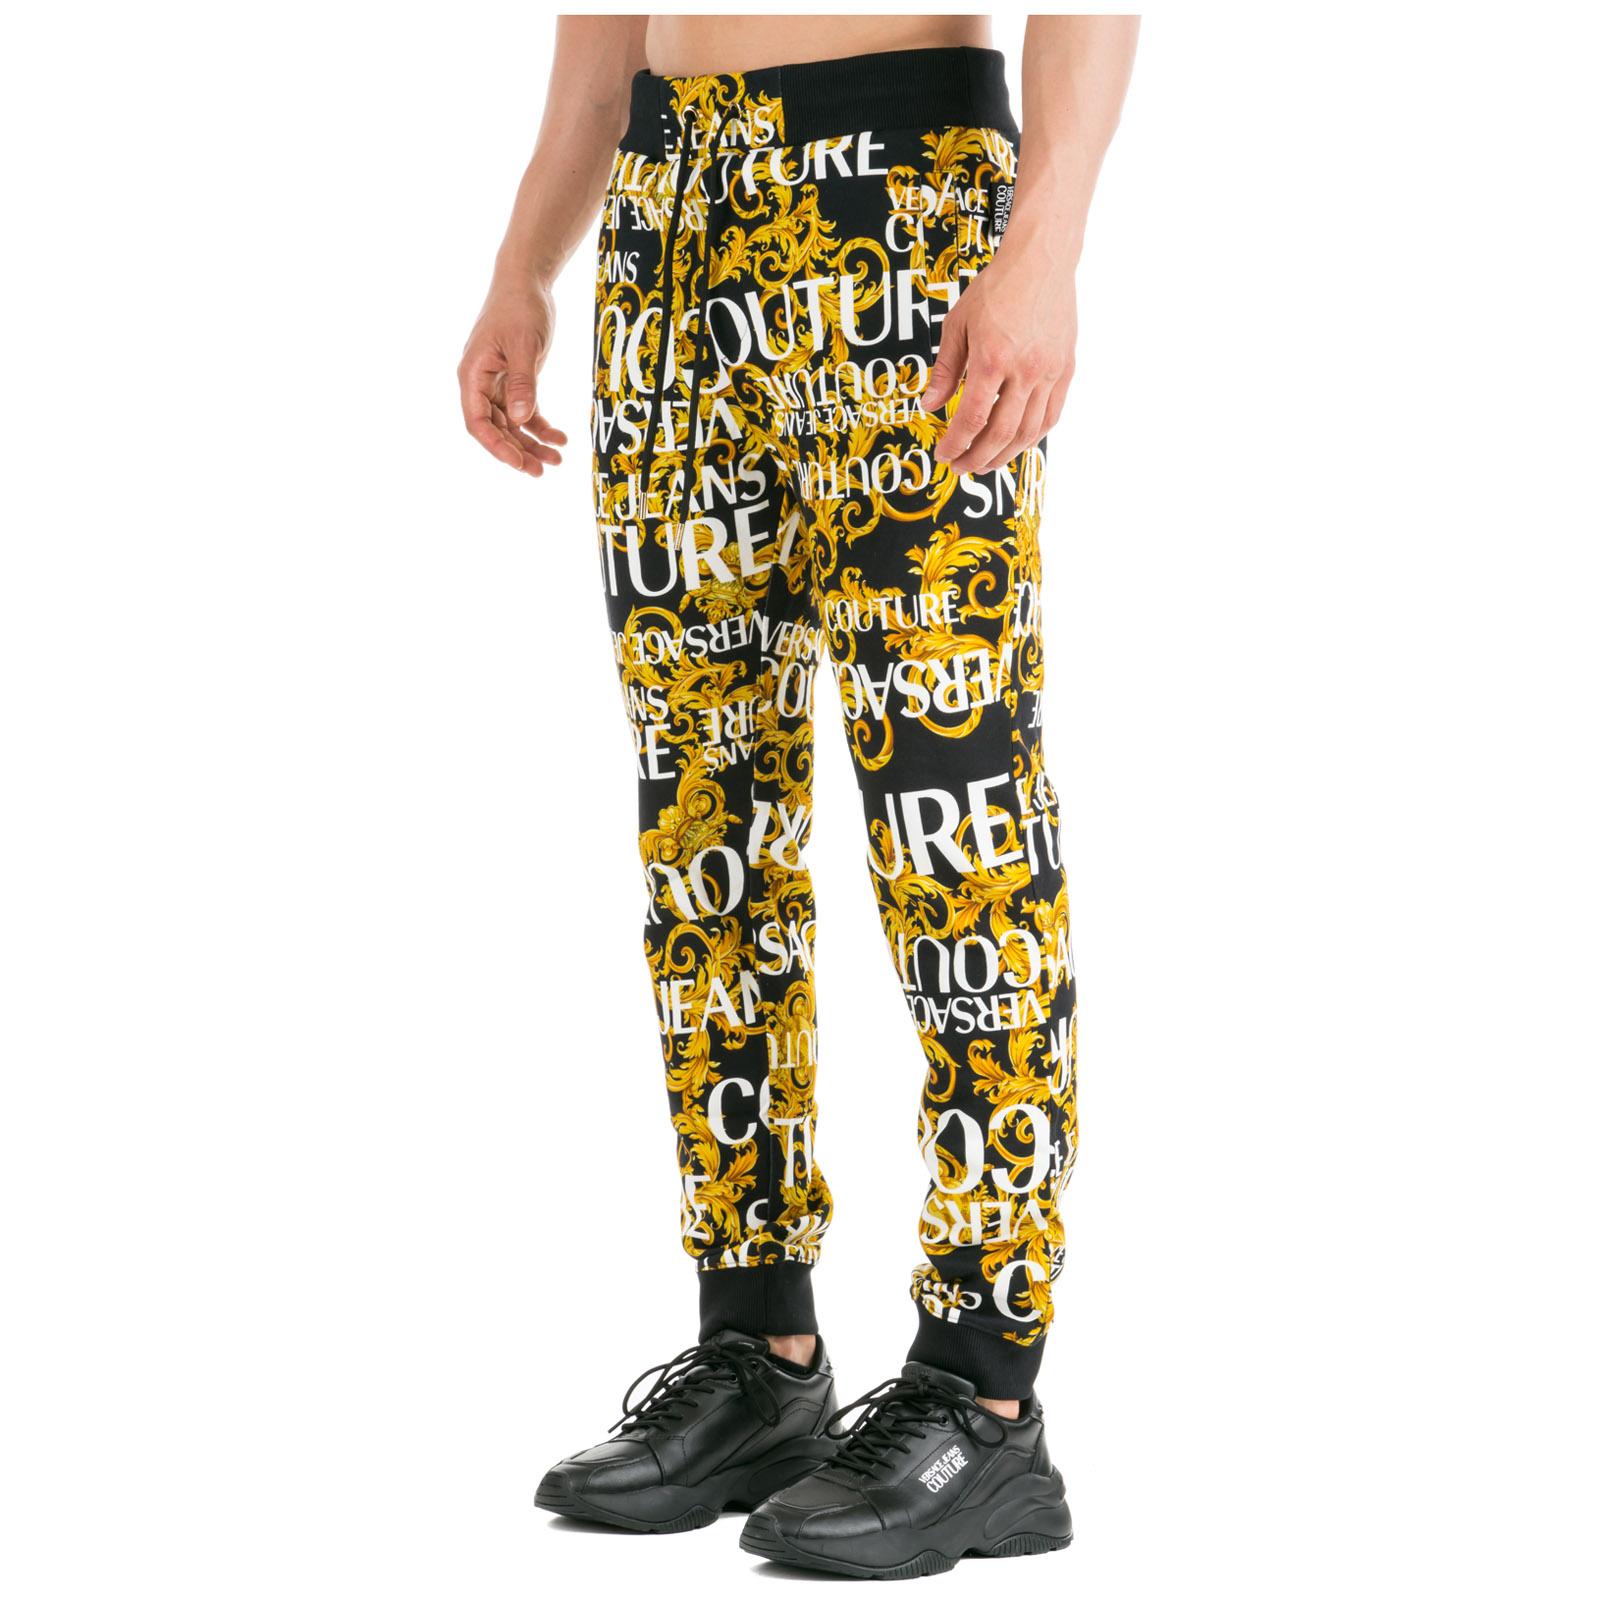 fe1d0d6cad Pantaloni tuta uomo logo baroque